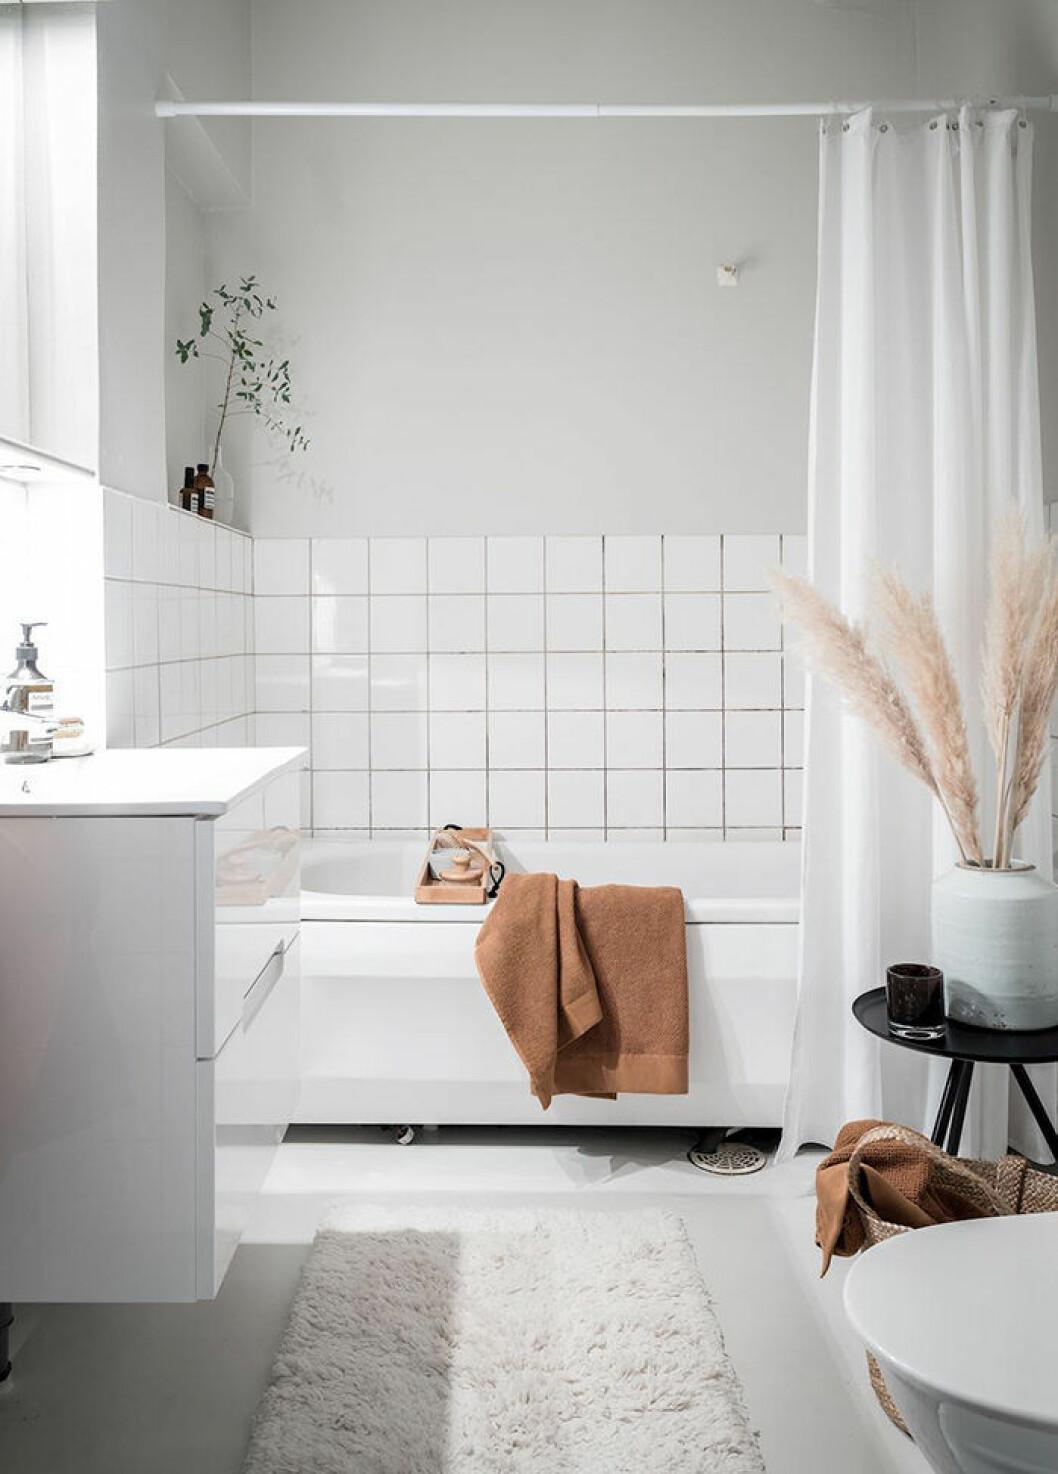 Hotellkänsla i badrummet med matta och växter